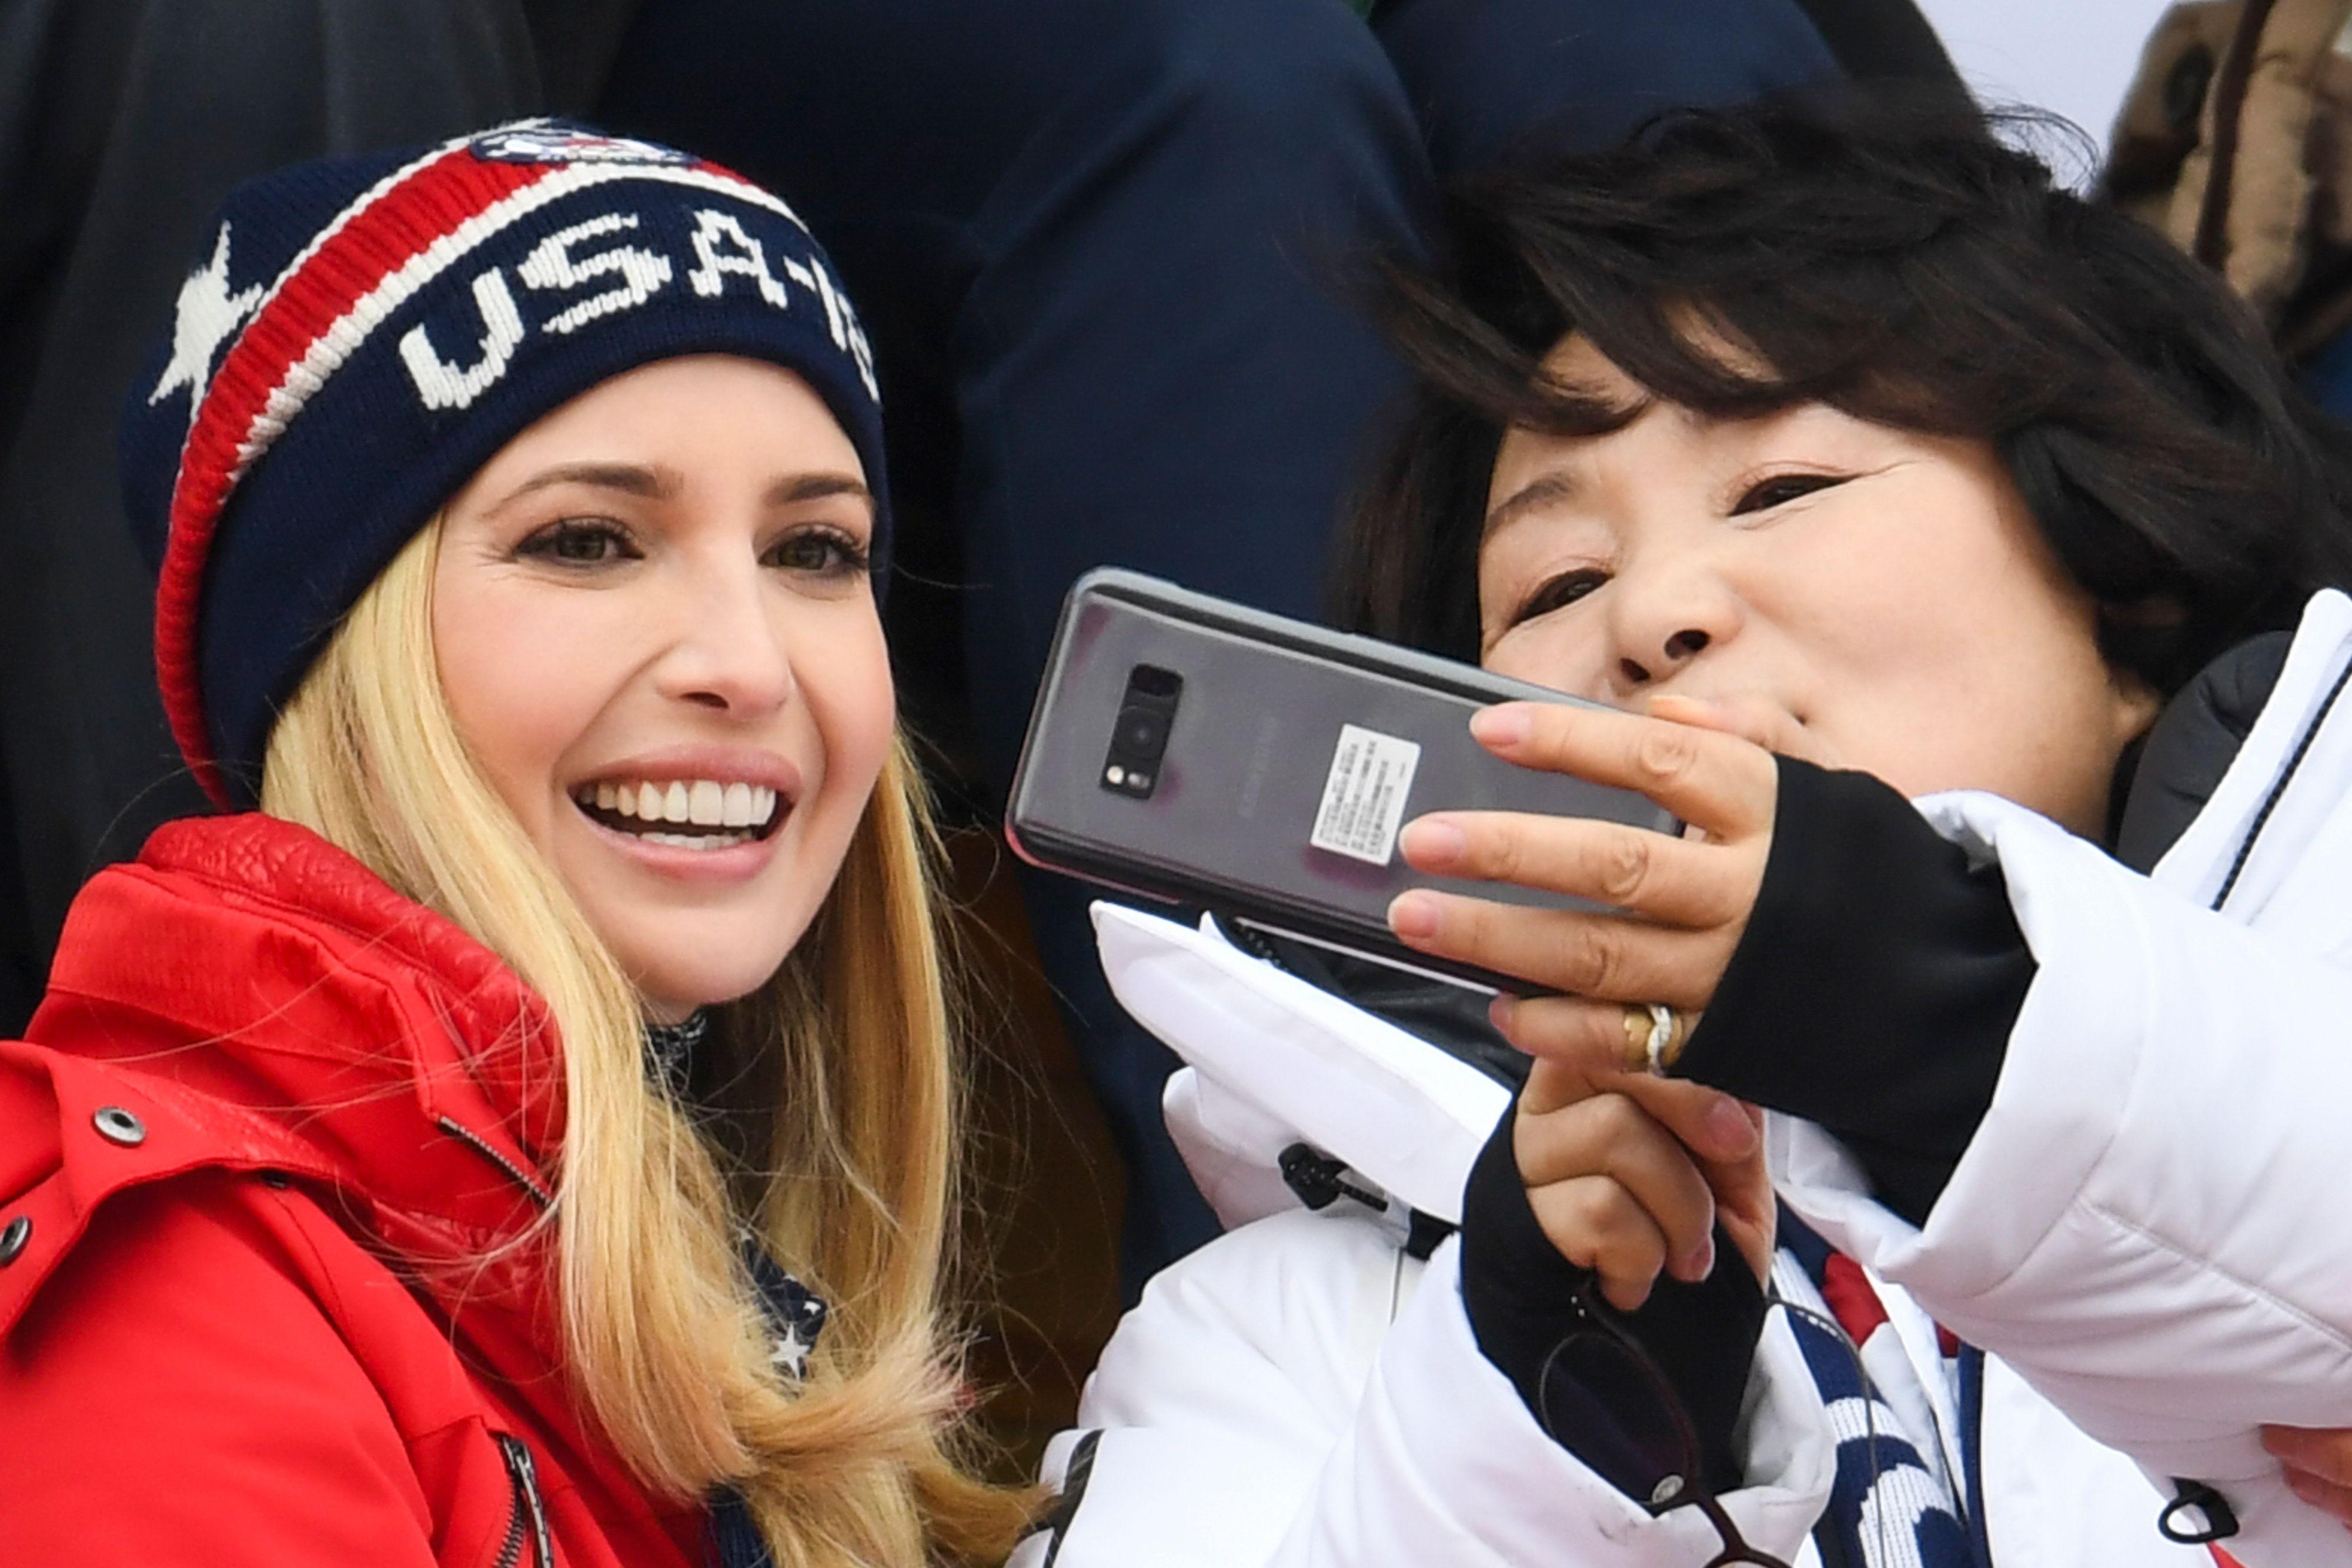 مسئولة كورية تلتقط سيلفى مع ابنة ترامب